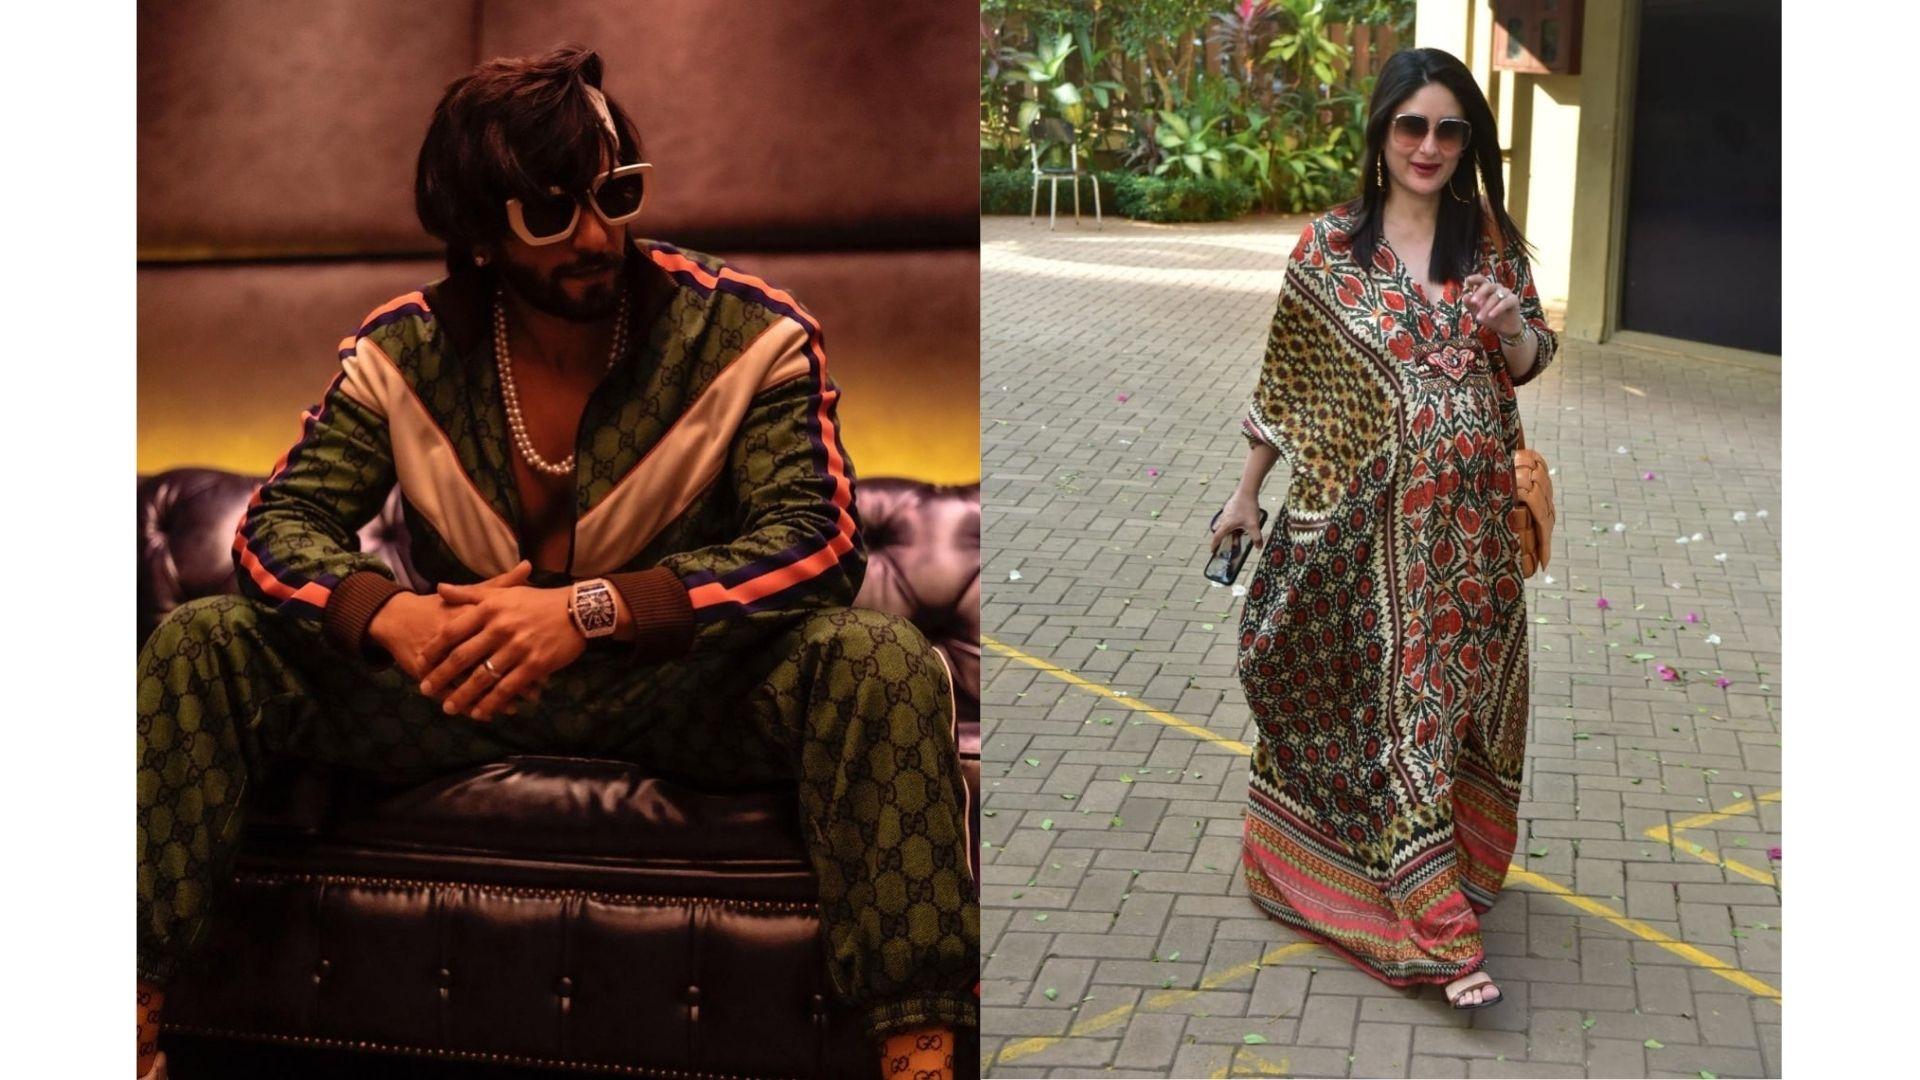 Bollywood Celebrities Like Ranveer Singh And Kareena Kapoor Who Would Slay The Met Gala